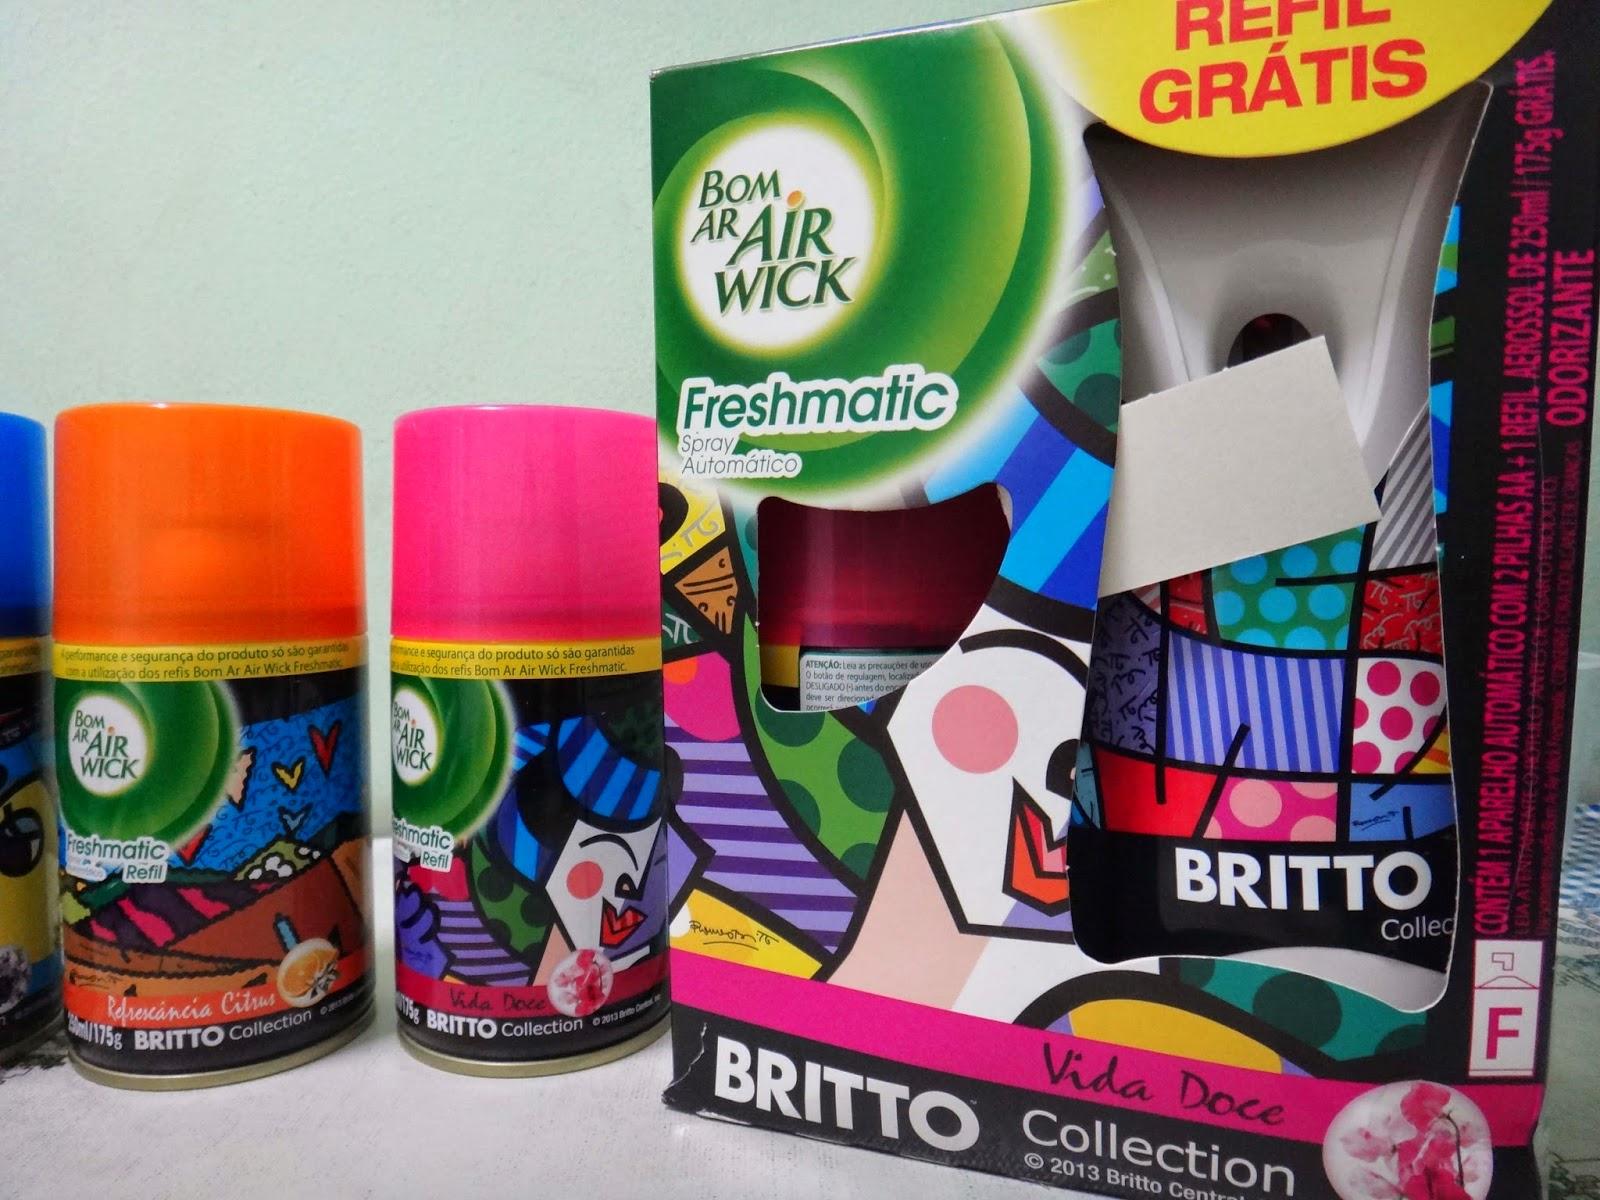 Casa perfumada e com estilo: Conheça a nova Edição Limitada Bom Ar Air Wick assinada por Romero Britto